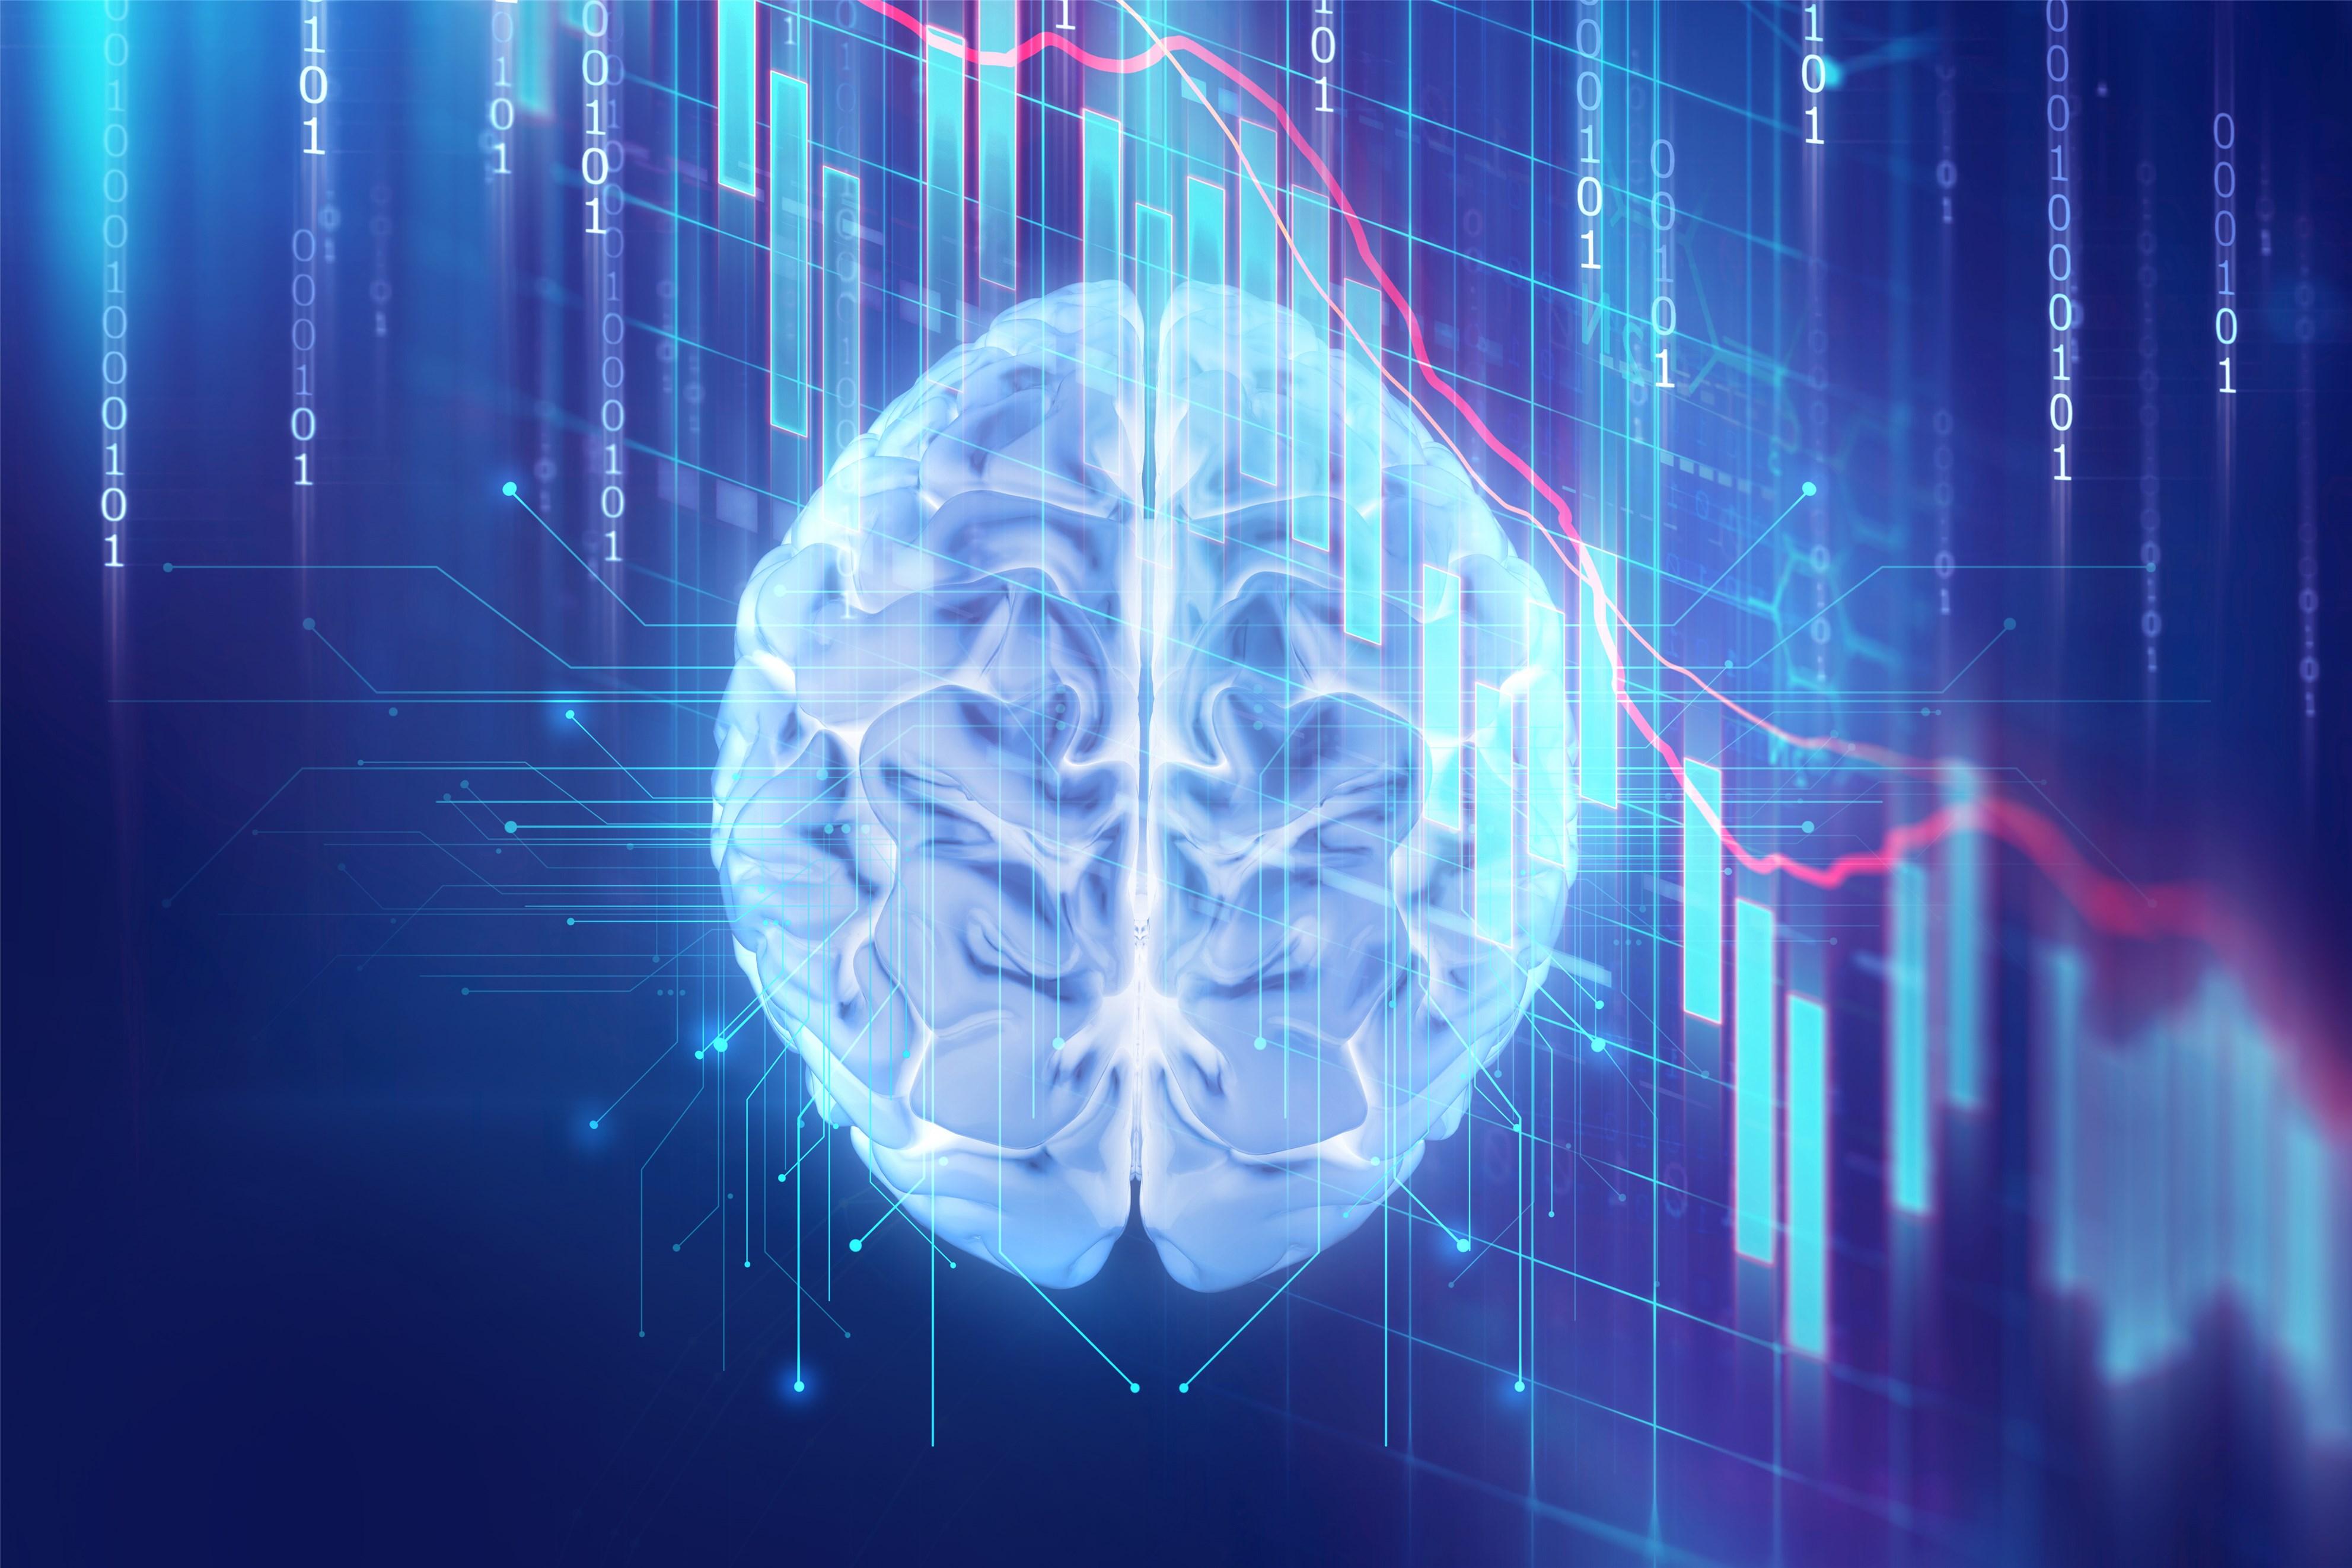 阿里达摩院AI抗疫最新战报:已诊断3万多疑似病例CT影像,准确率96%